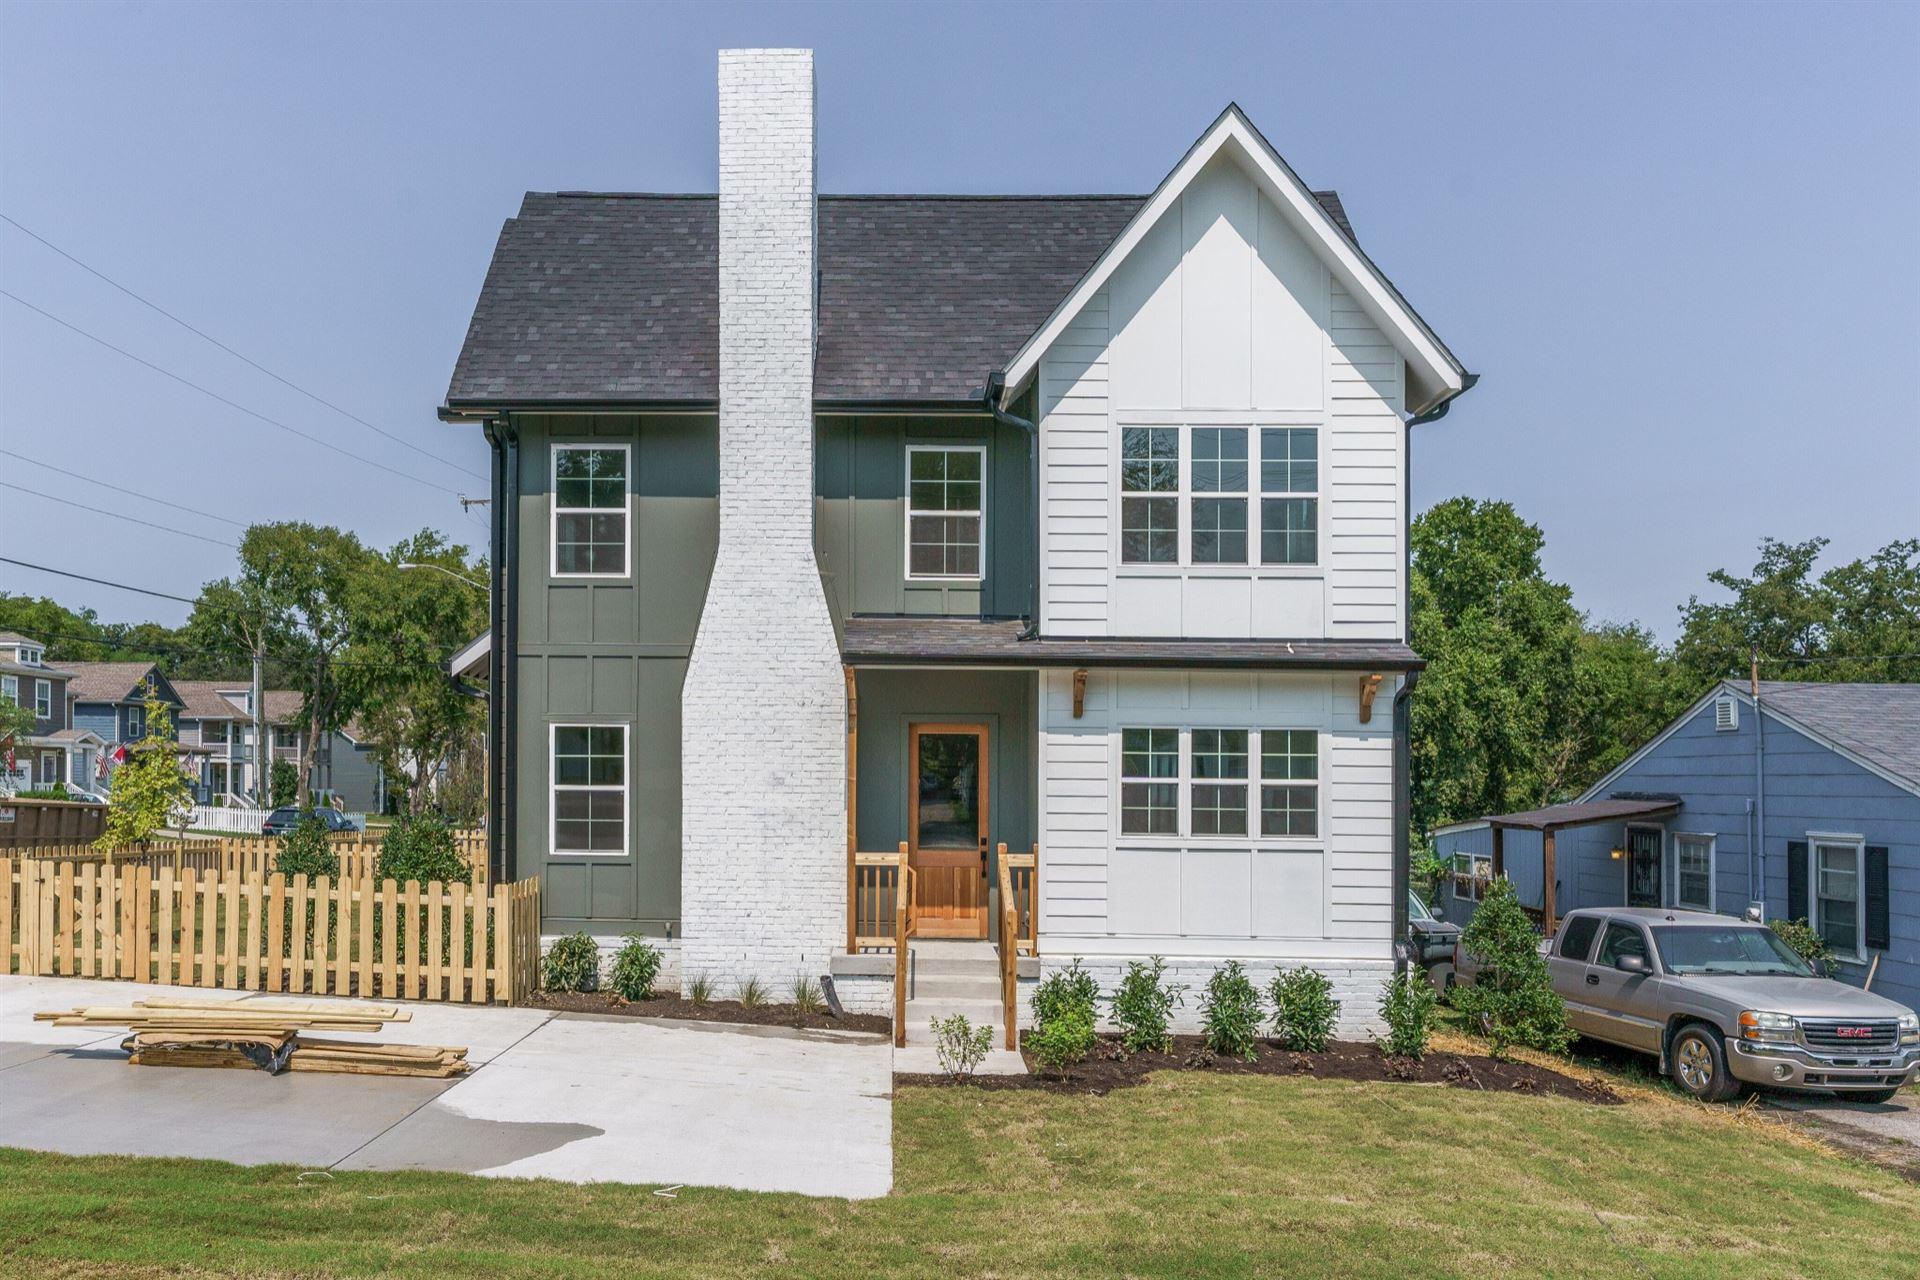 Photo of 6220 Robertson Ave, Nashville, TN 37209 (MLS # 2293087)